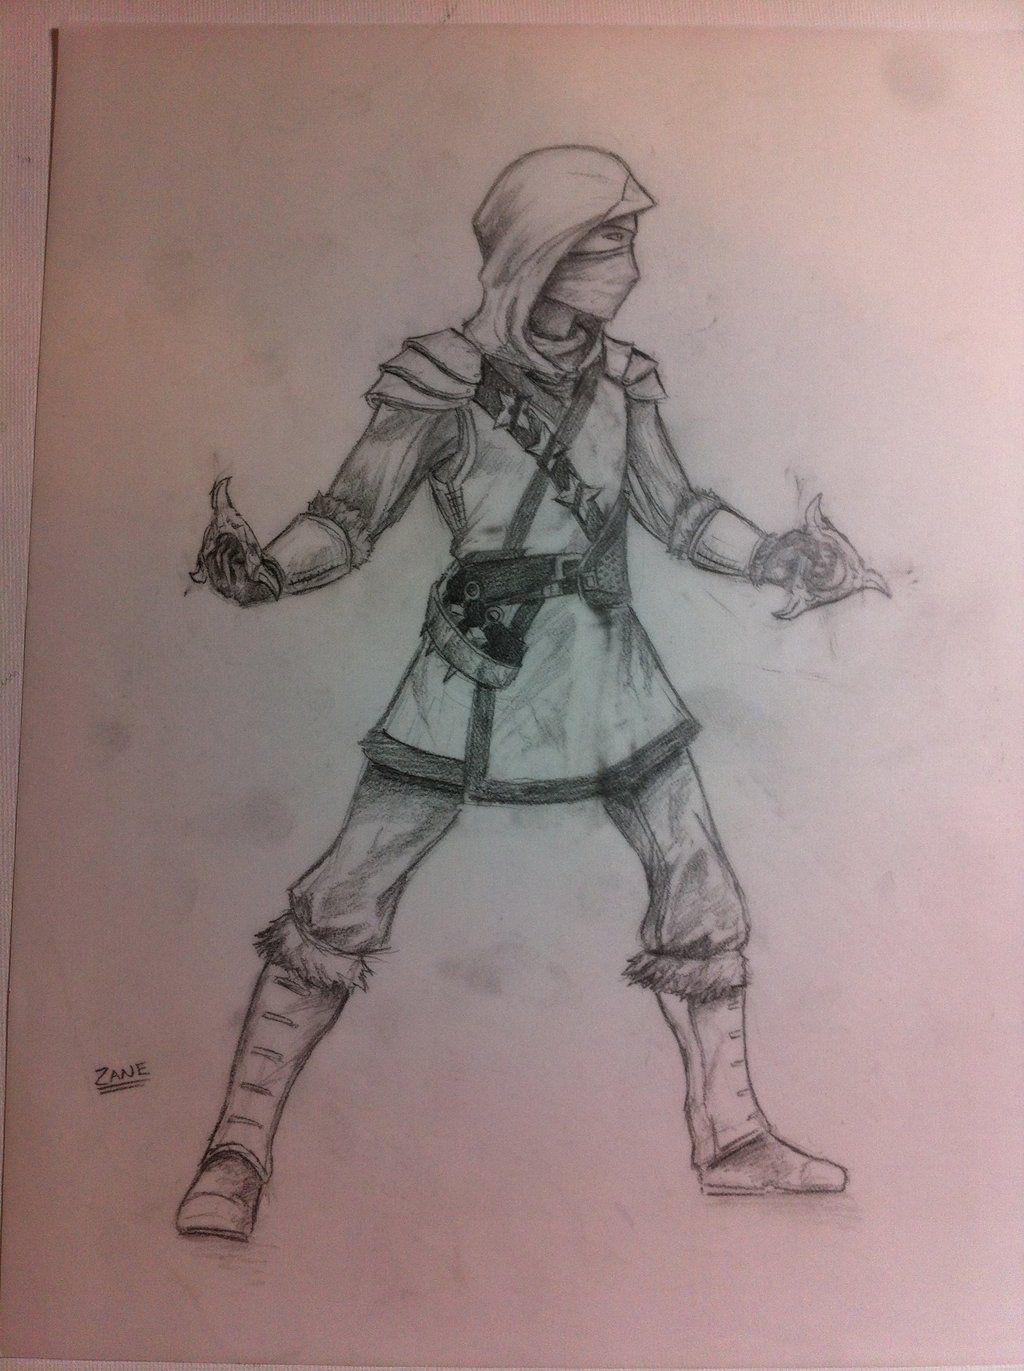 Zane Pencil Drawing By Joshuad17deviantartcom On At Deviantart